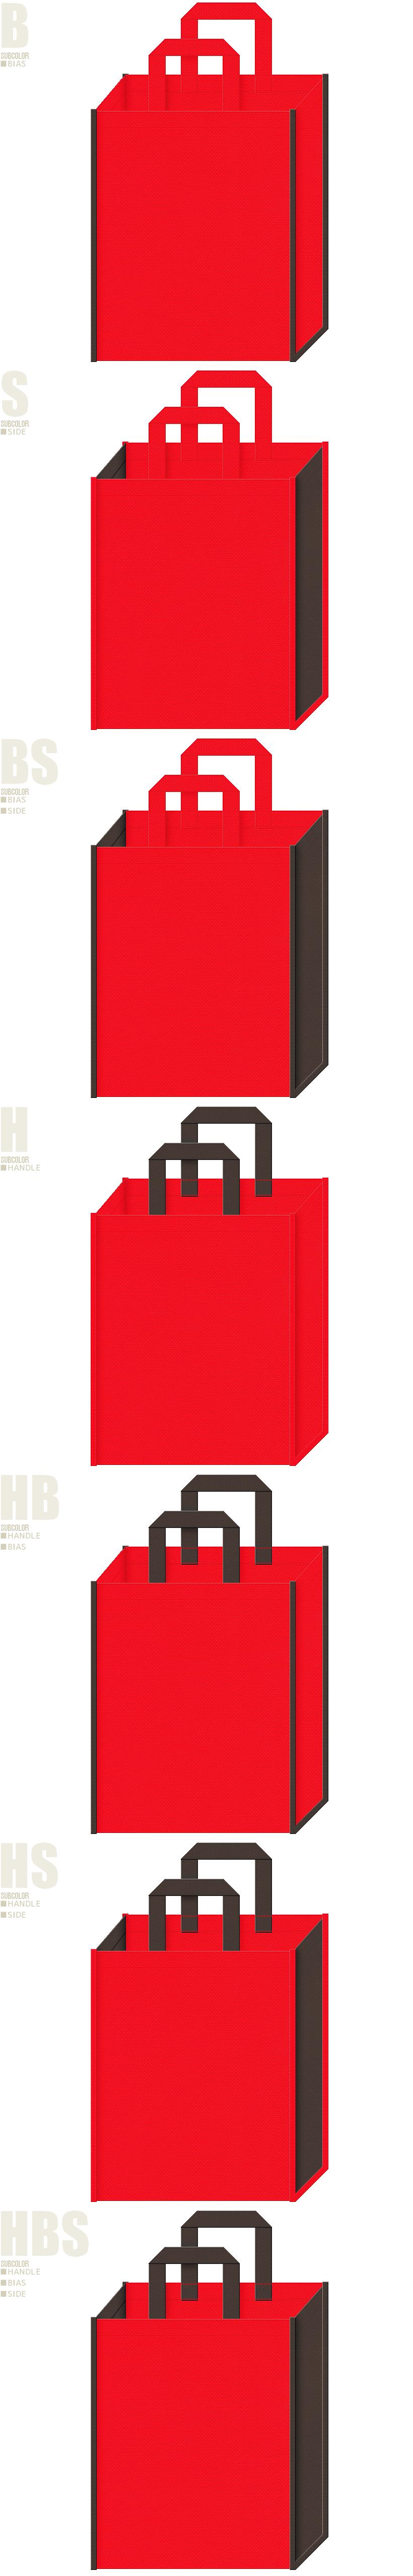 赤色とこげ茶色、7パターンの不織布トートバッグ配色デザイン例。クリスマス向けの不織布バッグにお奨めです。